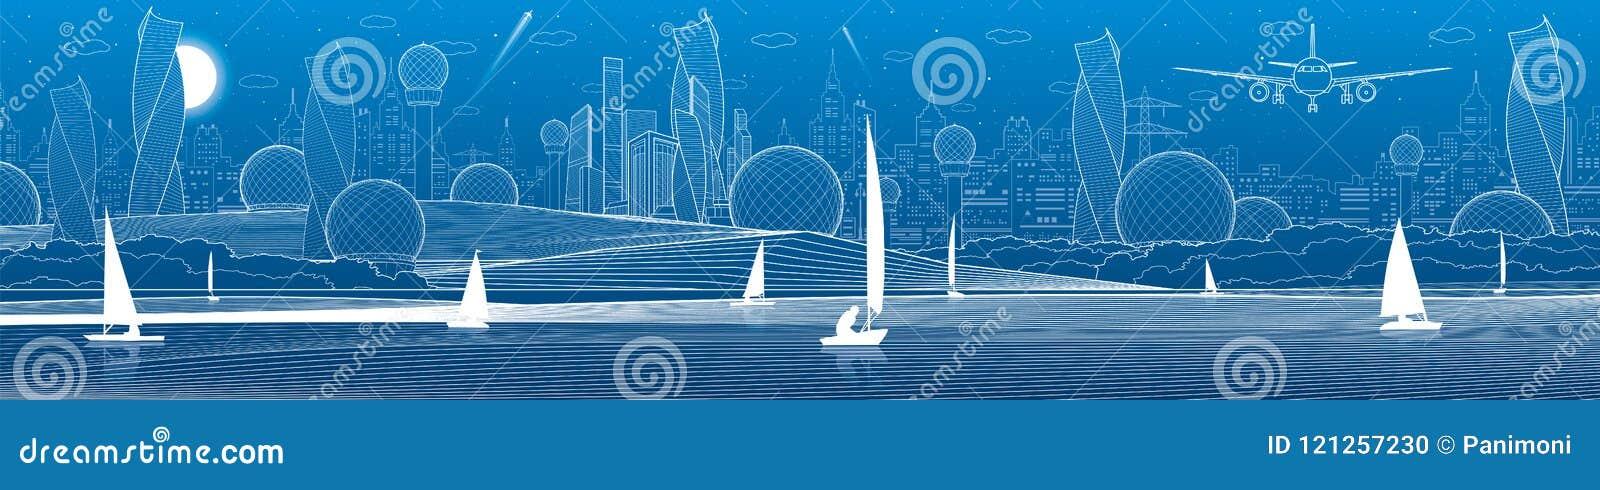 De futuristische panoramische illustratie van de Stadsinfrastructuur Vliegtuigvlieg Nachtstad bij achtergrond Varende jachten op